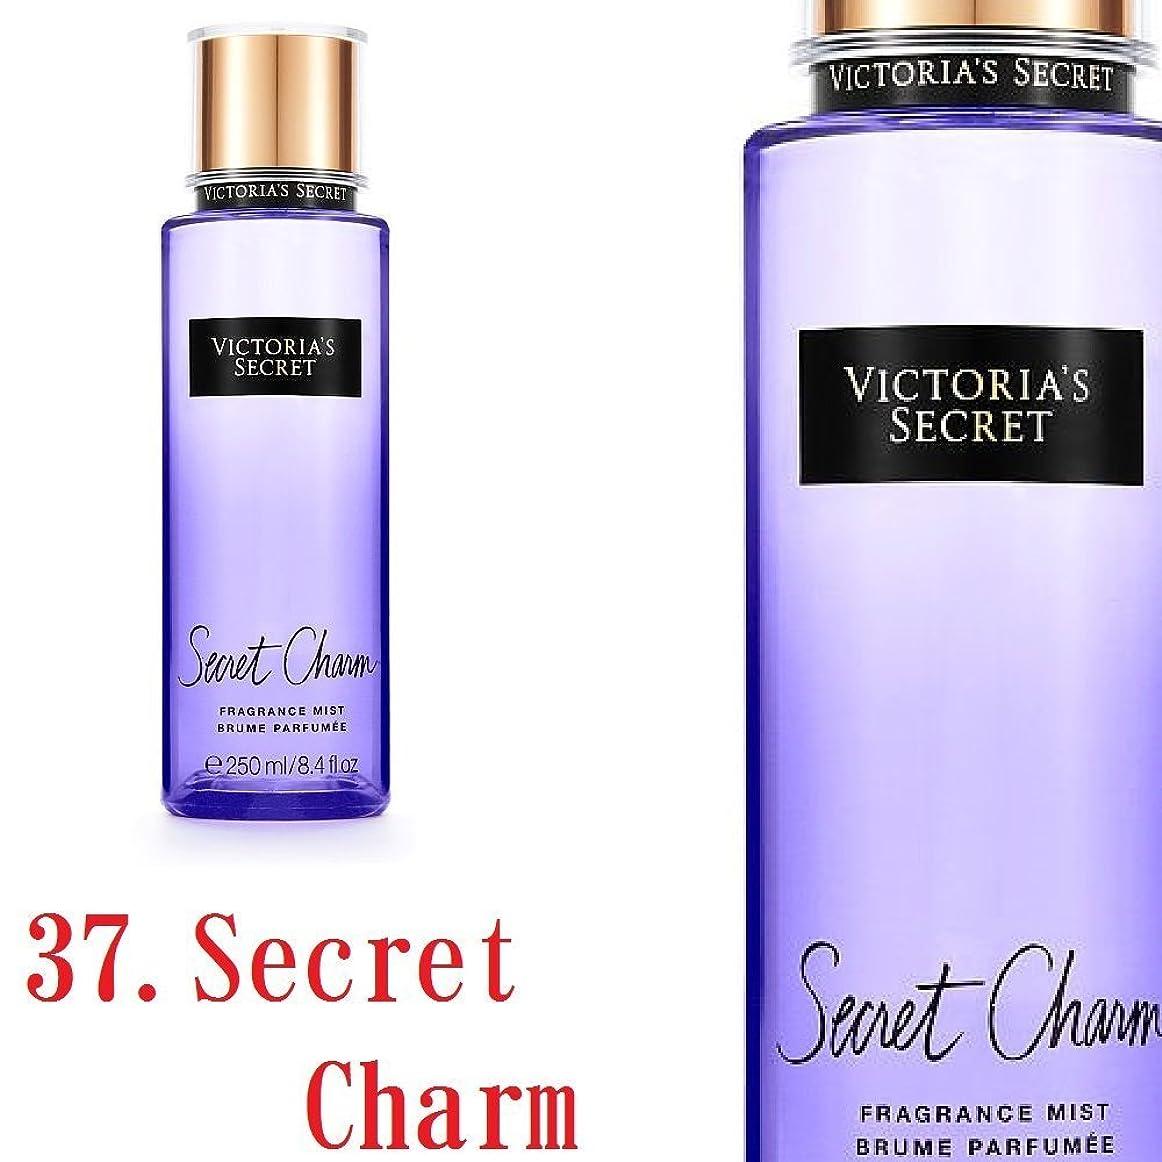 パラシュートアンビエント節約Victoria's Secret Fantasies フレグランスミスト ヴィクトリアシークレット (37.シークレットチャーム) [並行輸入品]